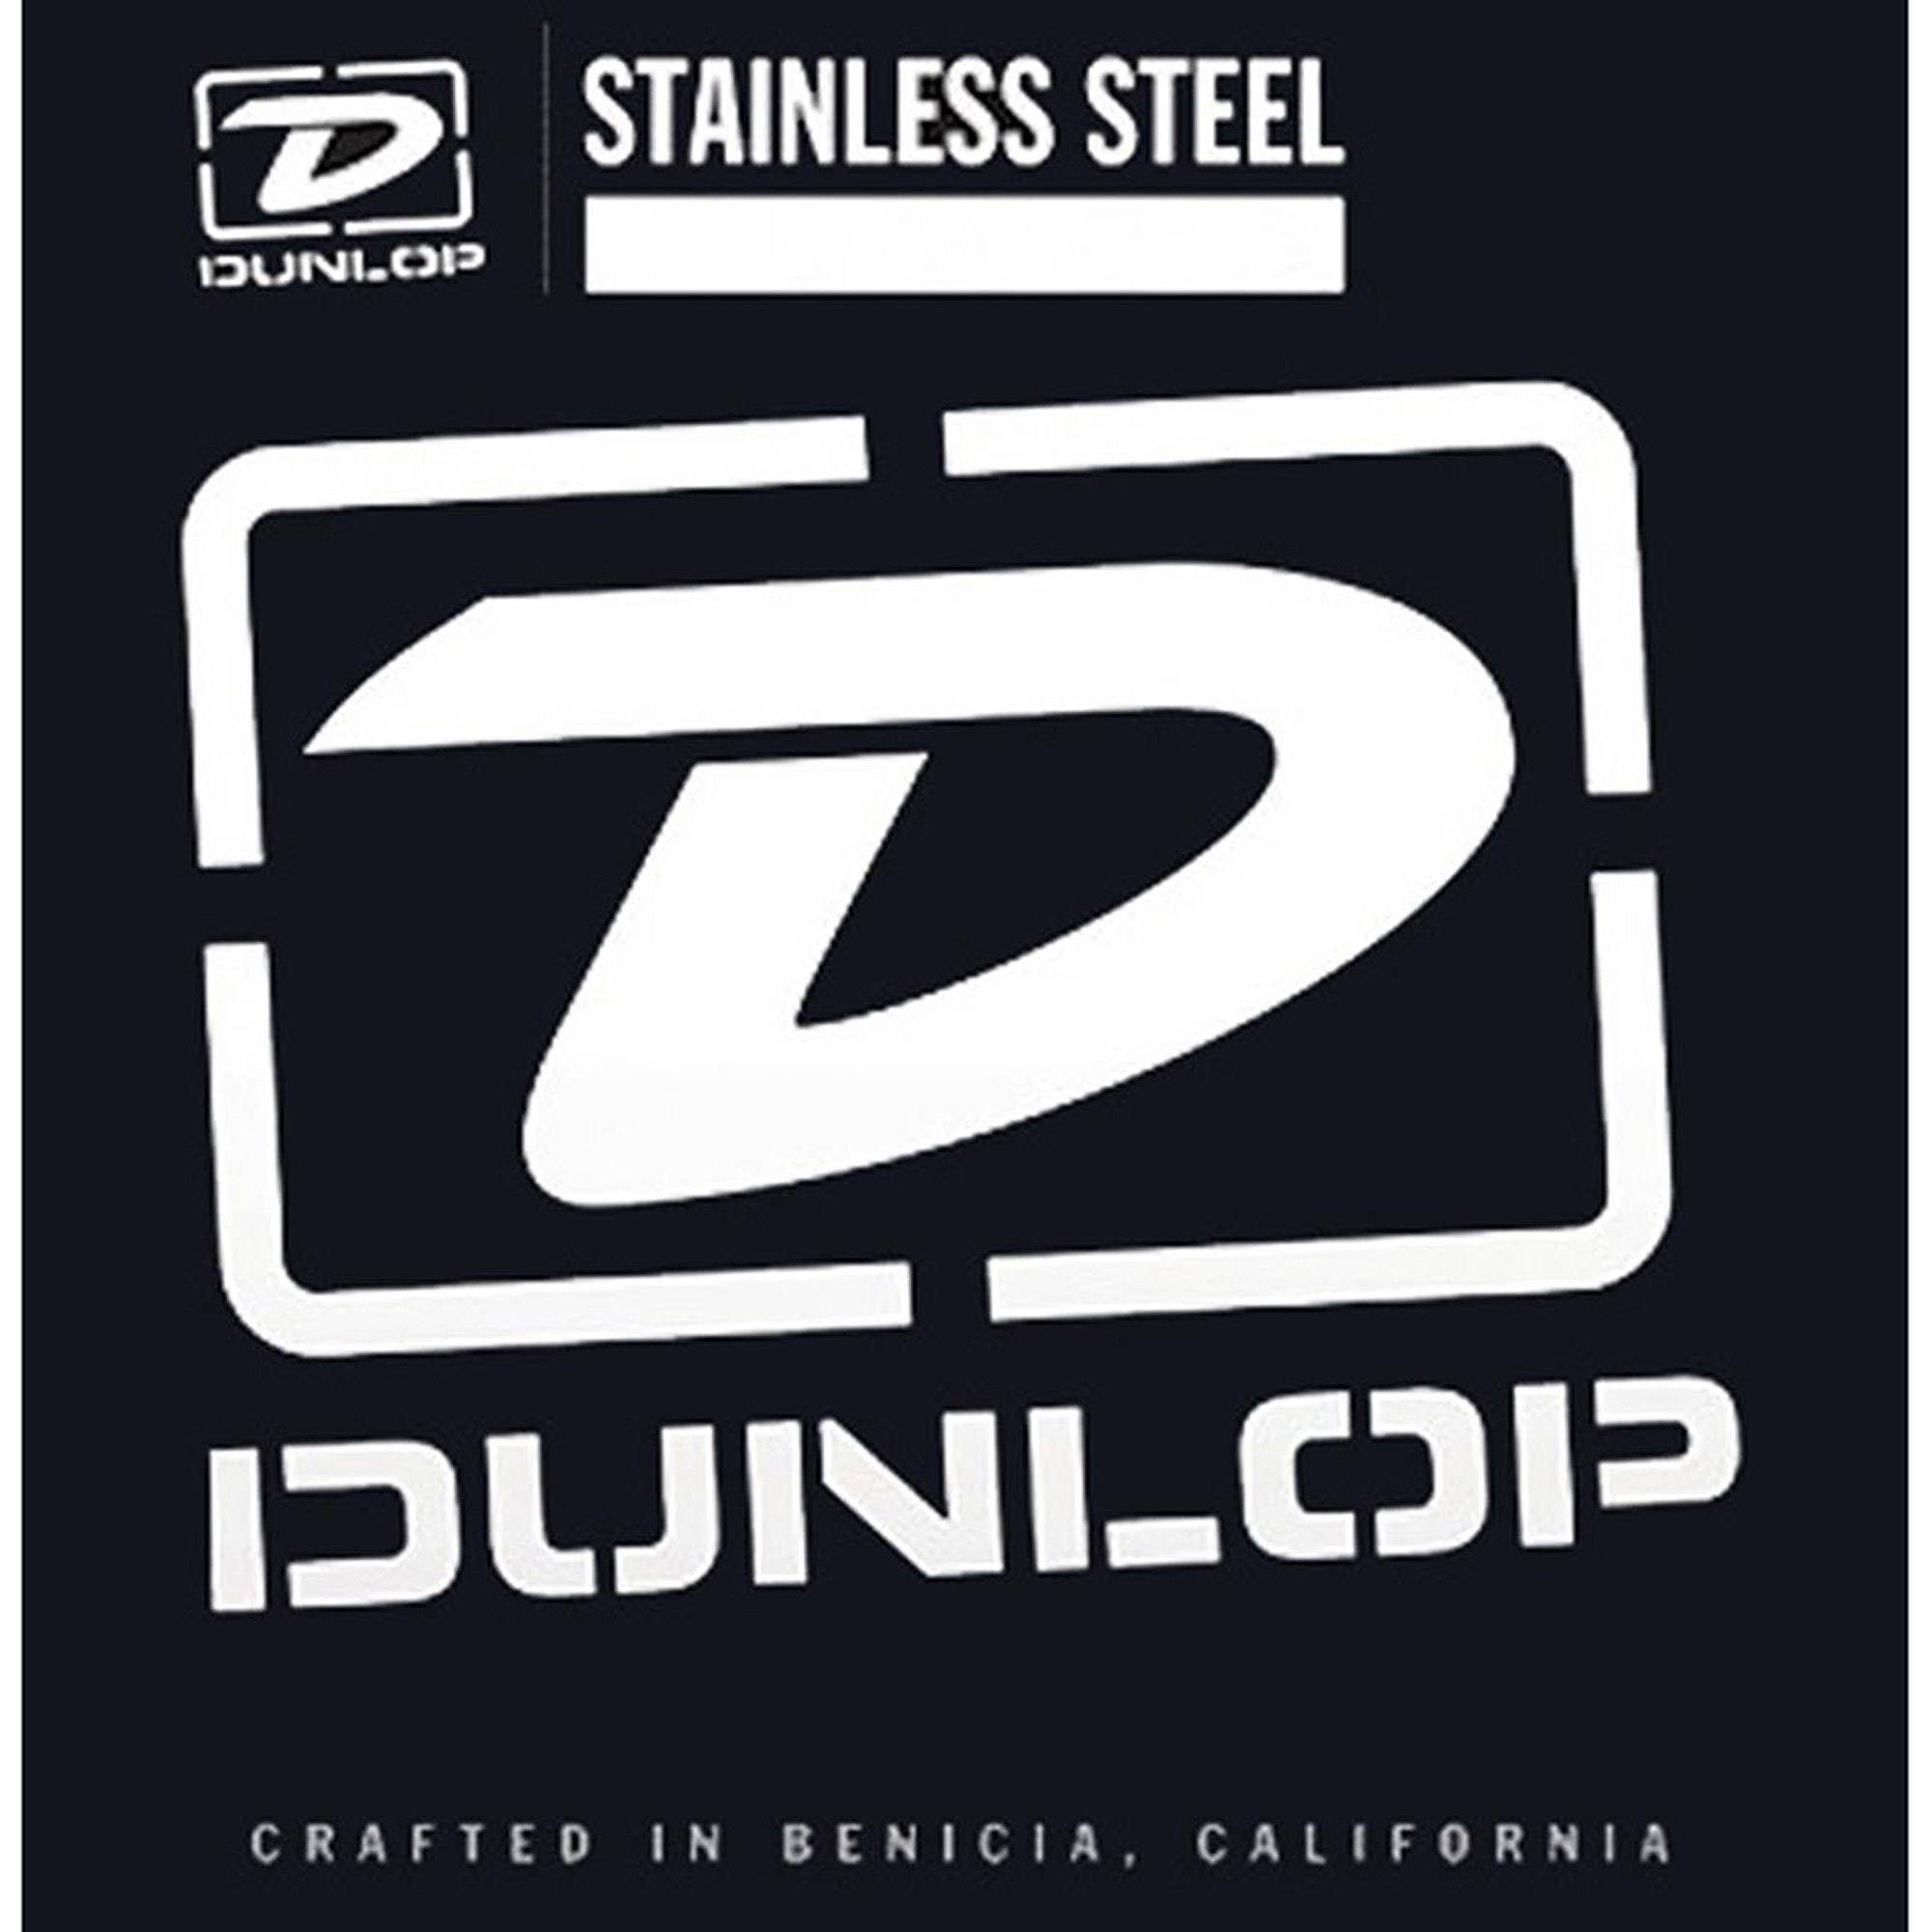 Dunlop DBS45105 Medium Stainless Steel Bass Guitar 4 String Set .045-.105 by Dunlop